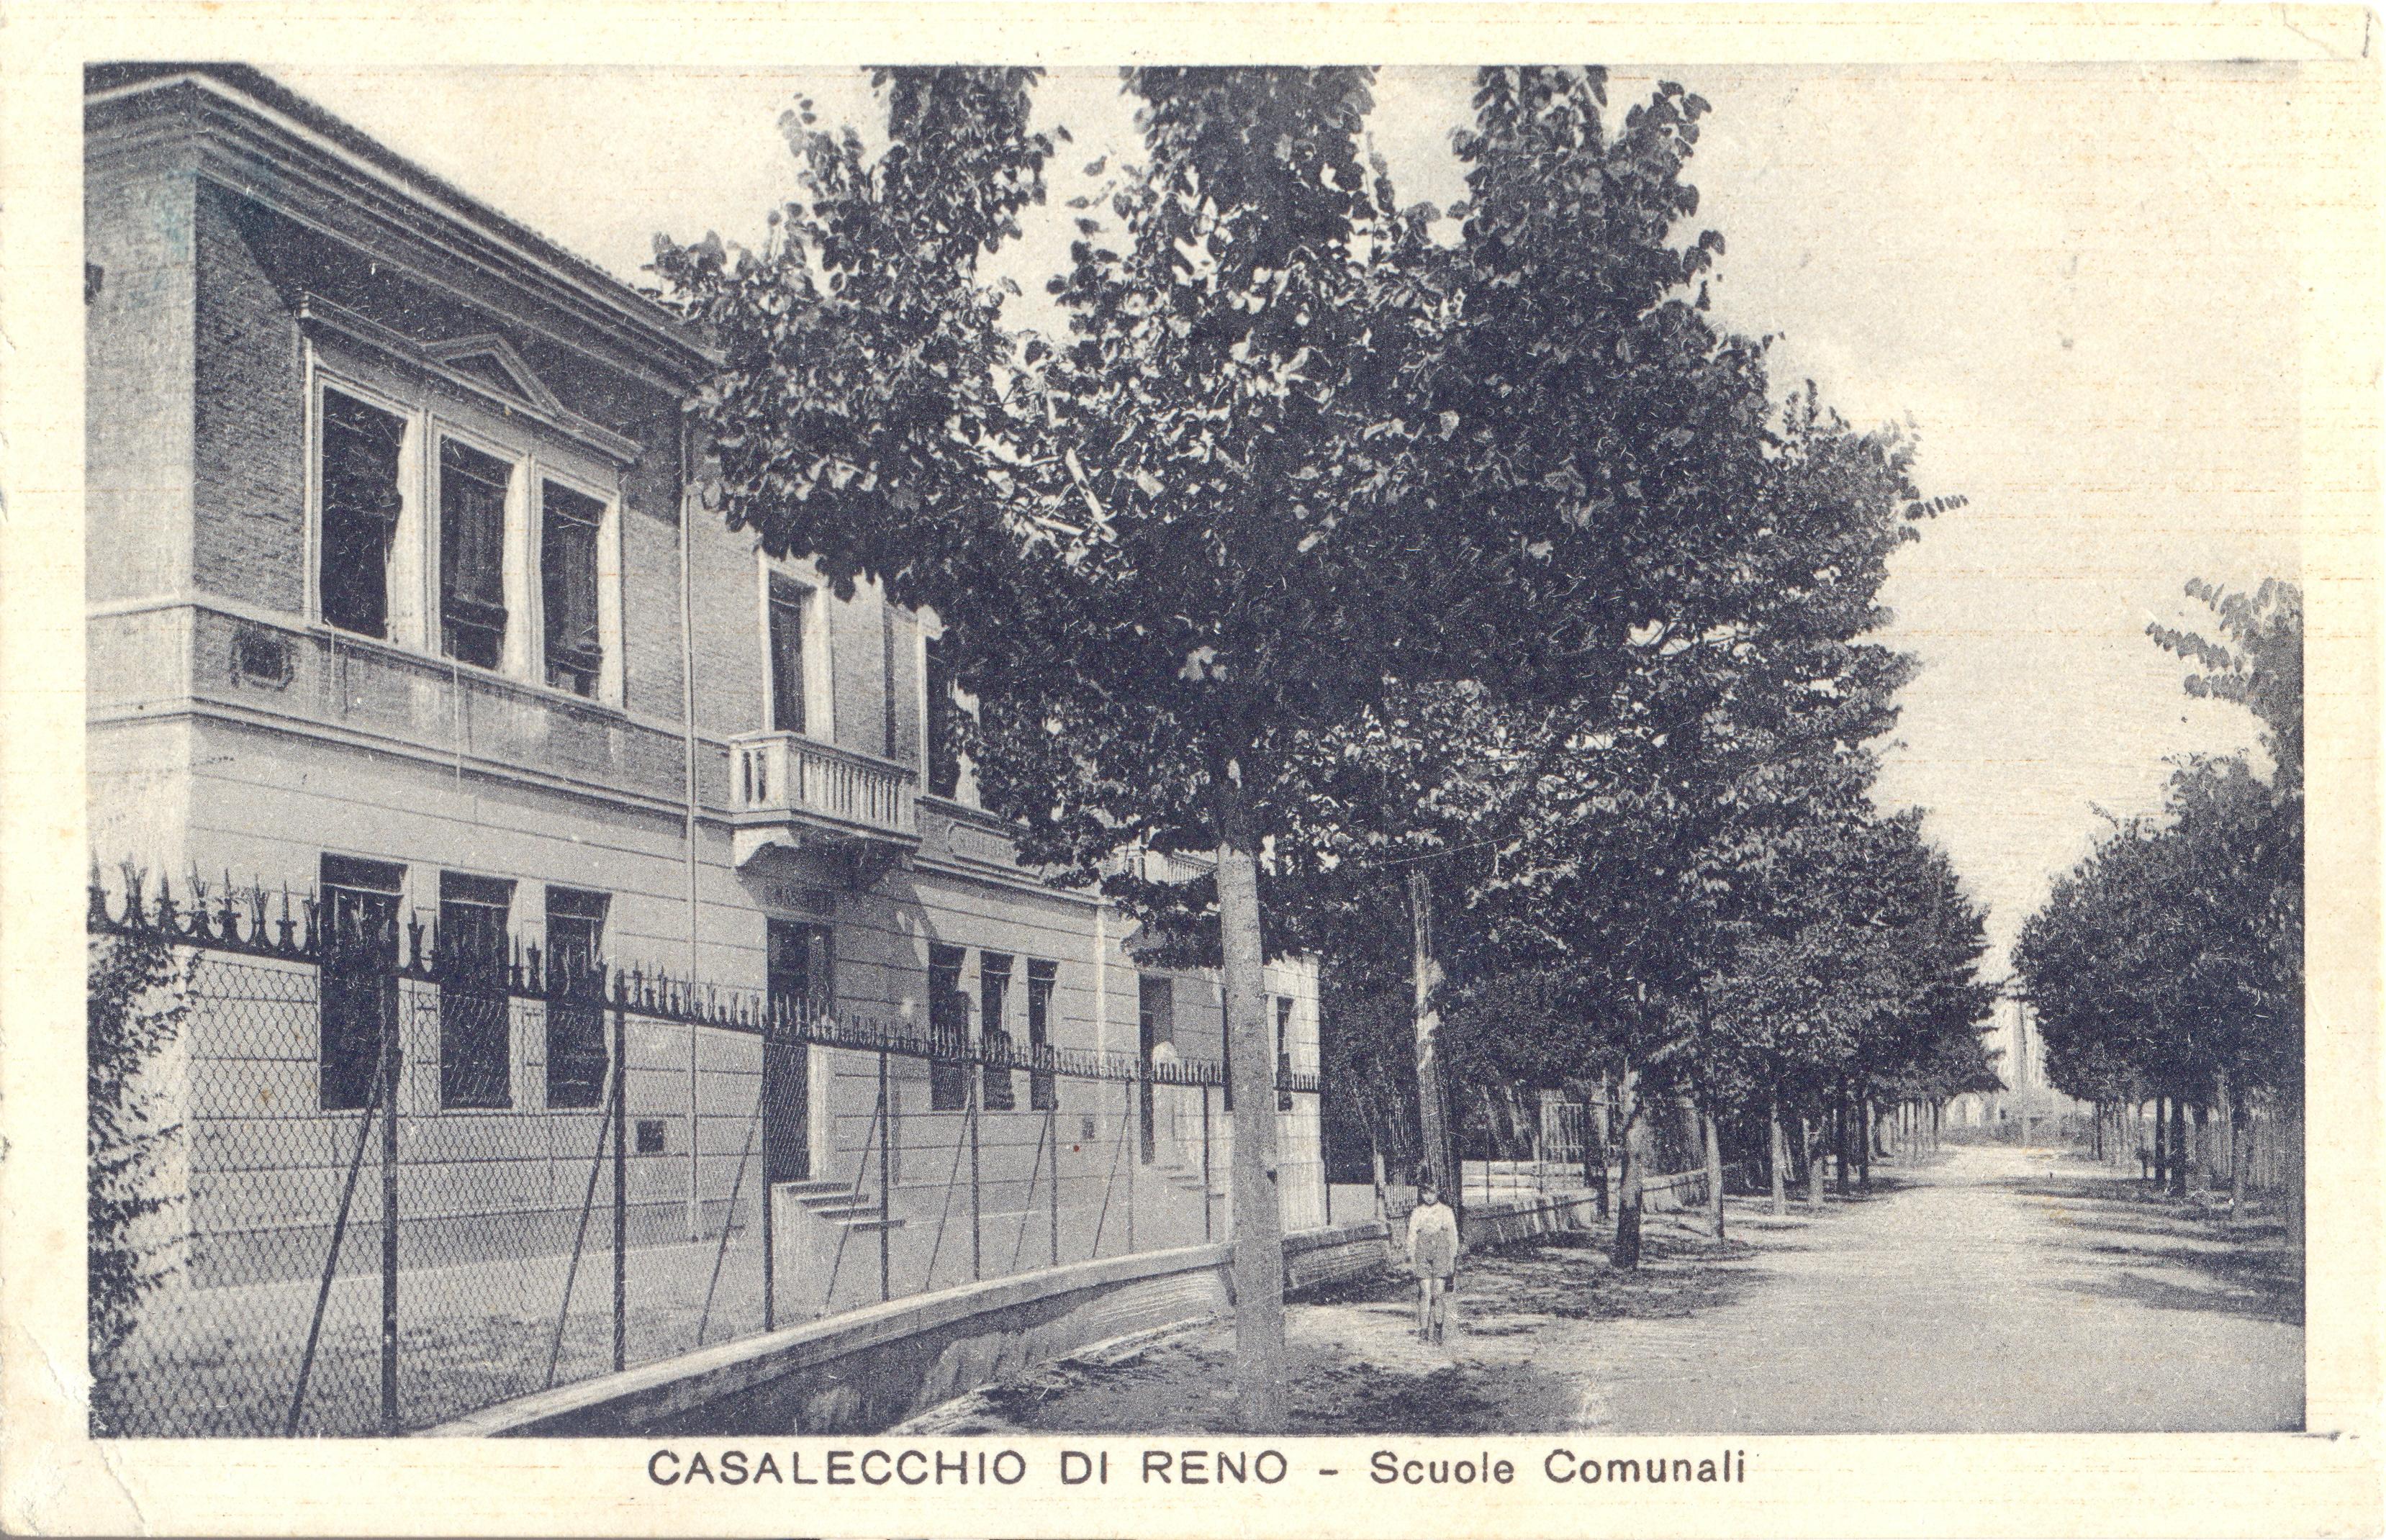 Scuole comunali Carducci